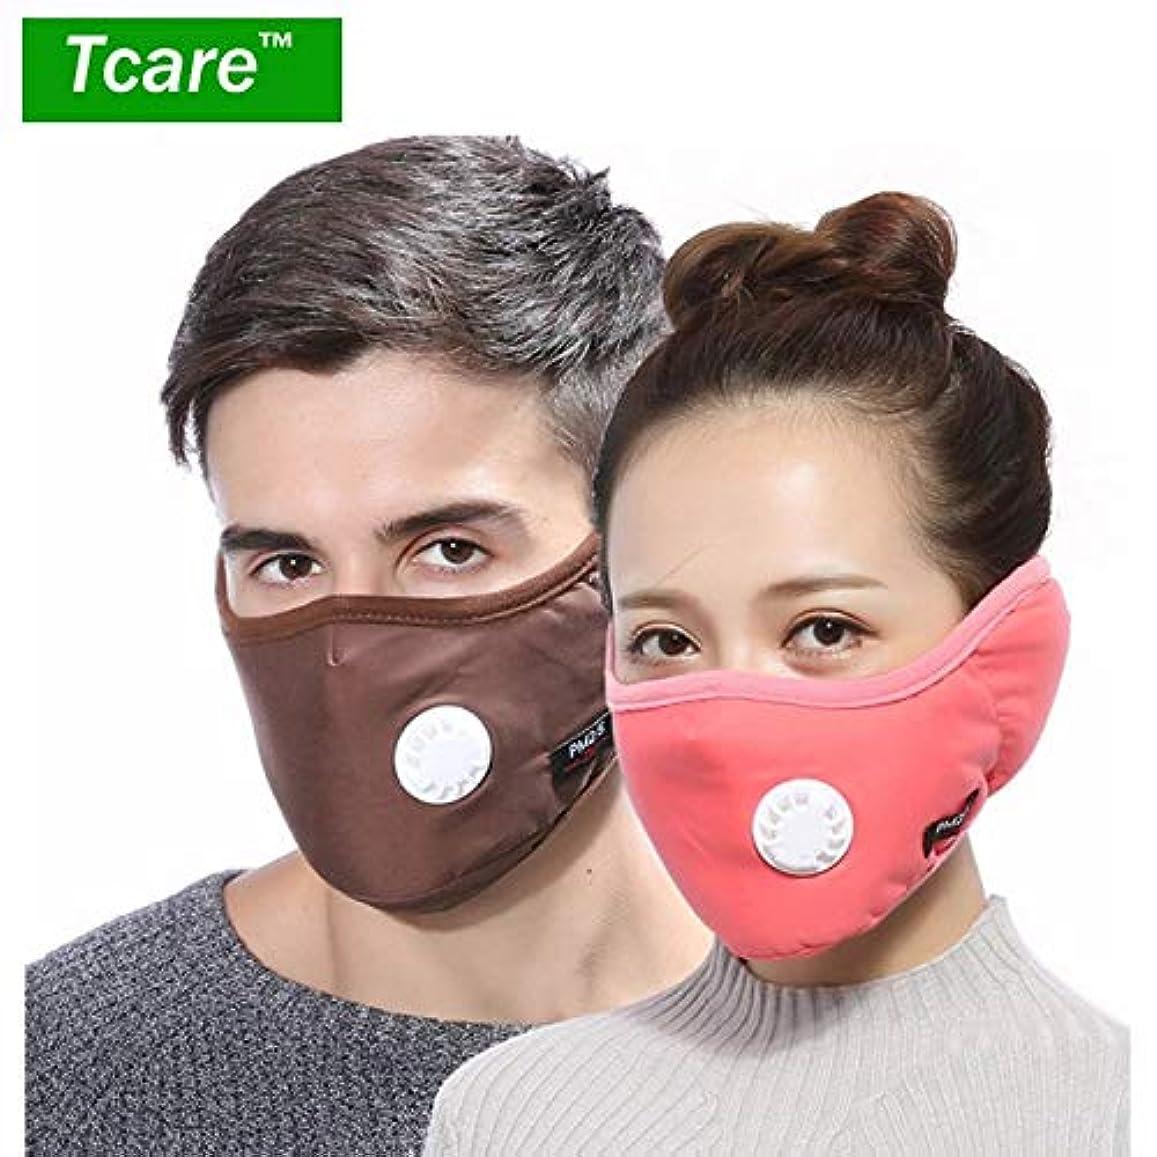 好意的祈る専門7グレー:1 PM2.5マスクバルブコットンアンチダスト口マスクの冬のイヤーマフActtedフィルター付マスクでTcare 2